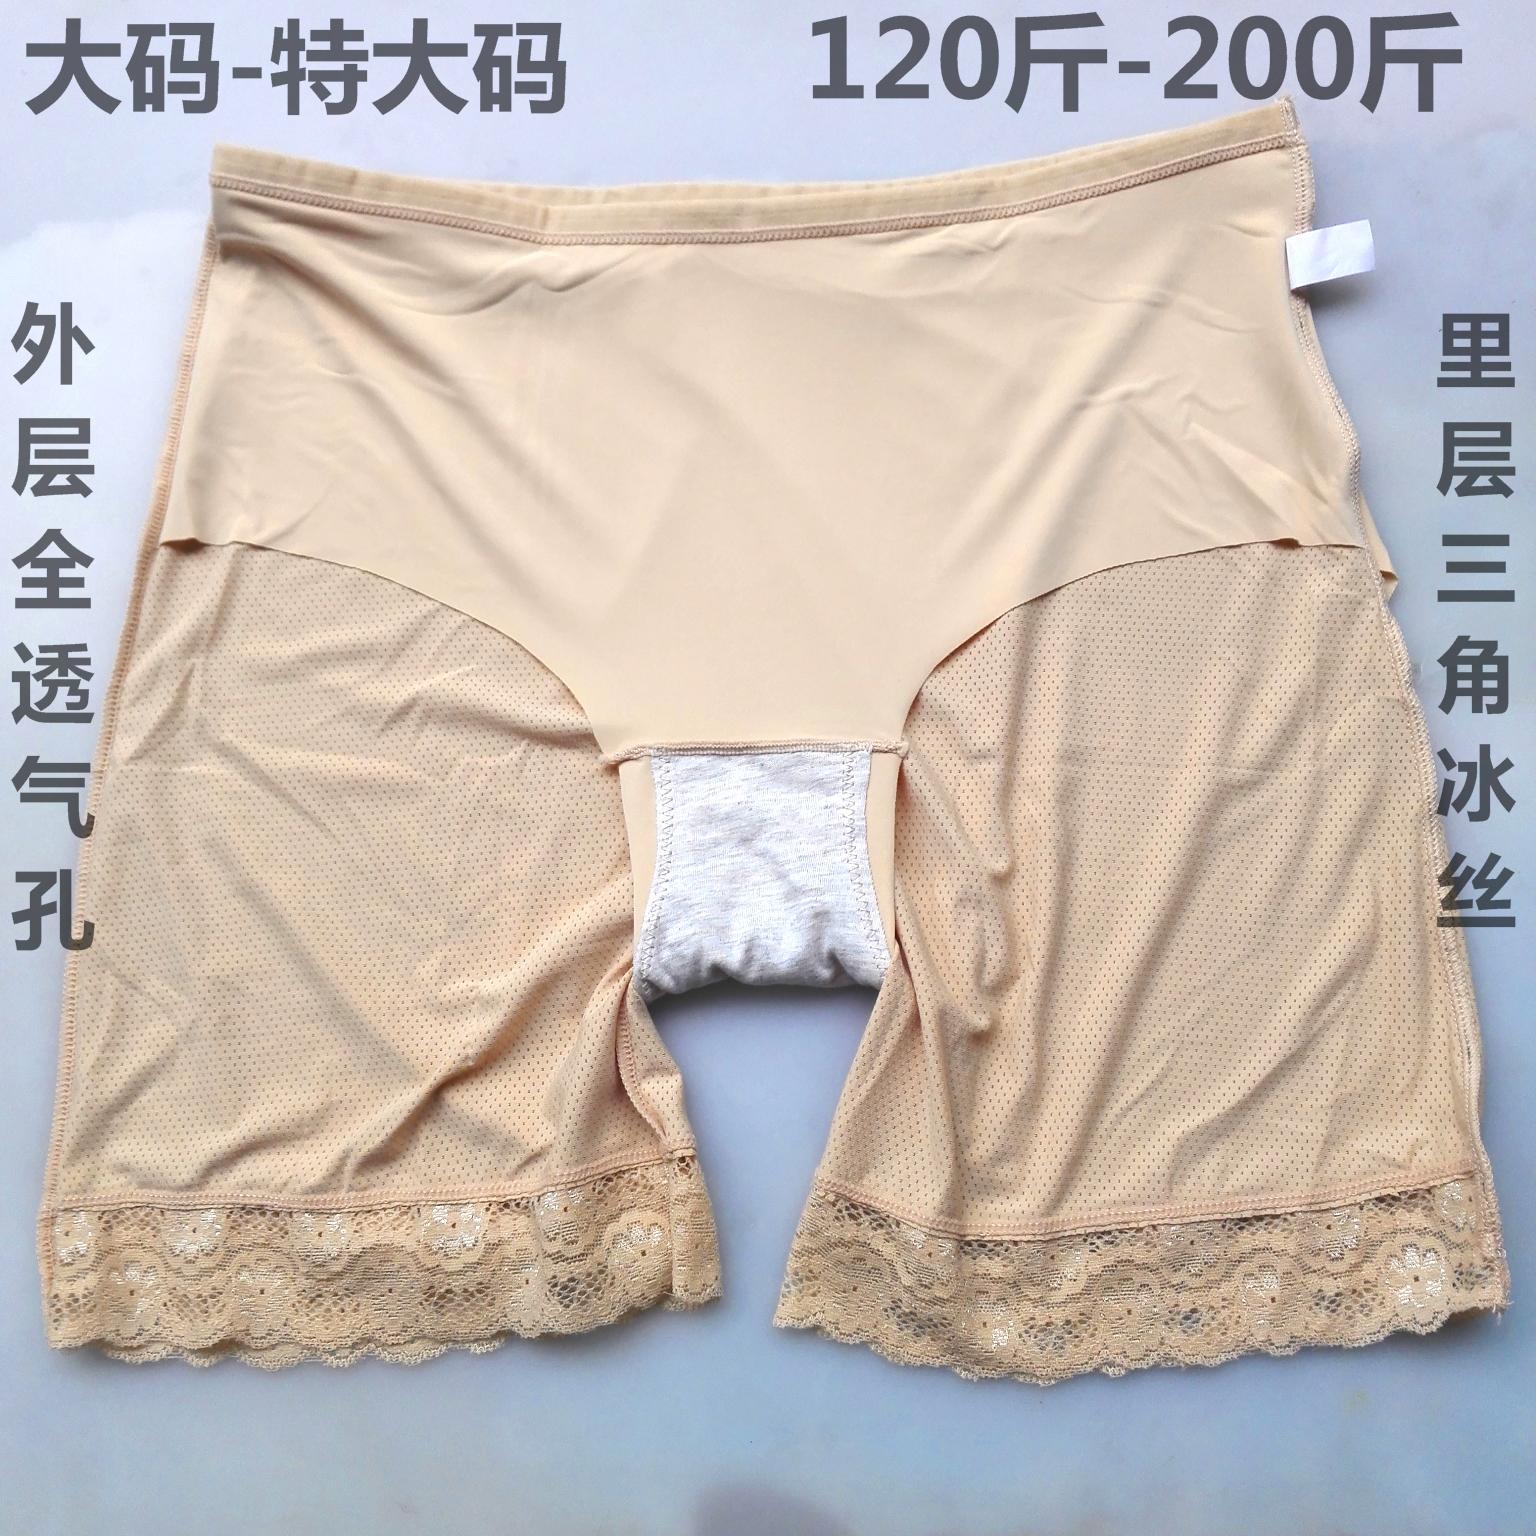 Cực lớn mã an toàn quần với băng lụa tam giác đồ lót hai trong một chống ánh sáng cơ sở boyshort ren chất béo MM